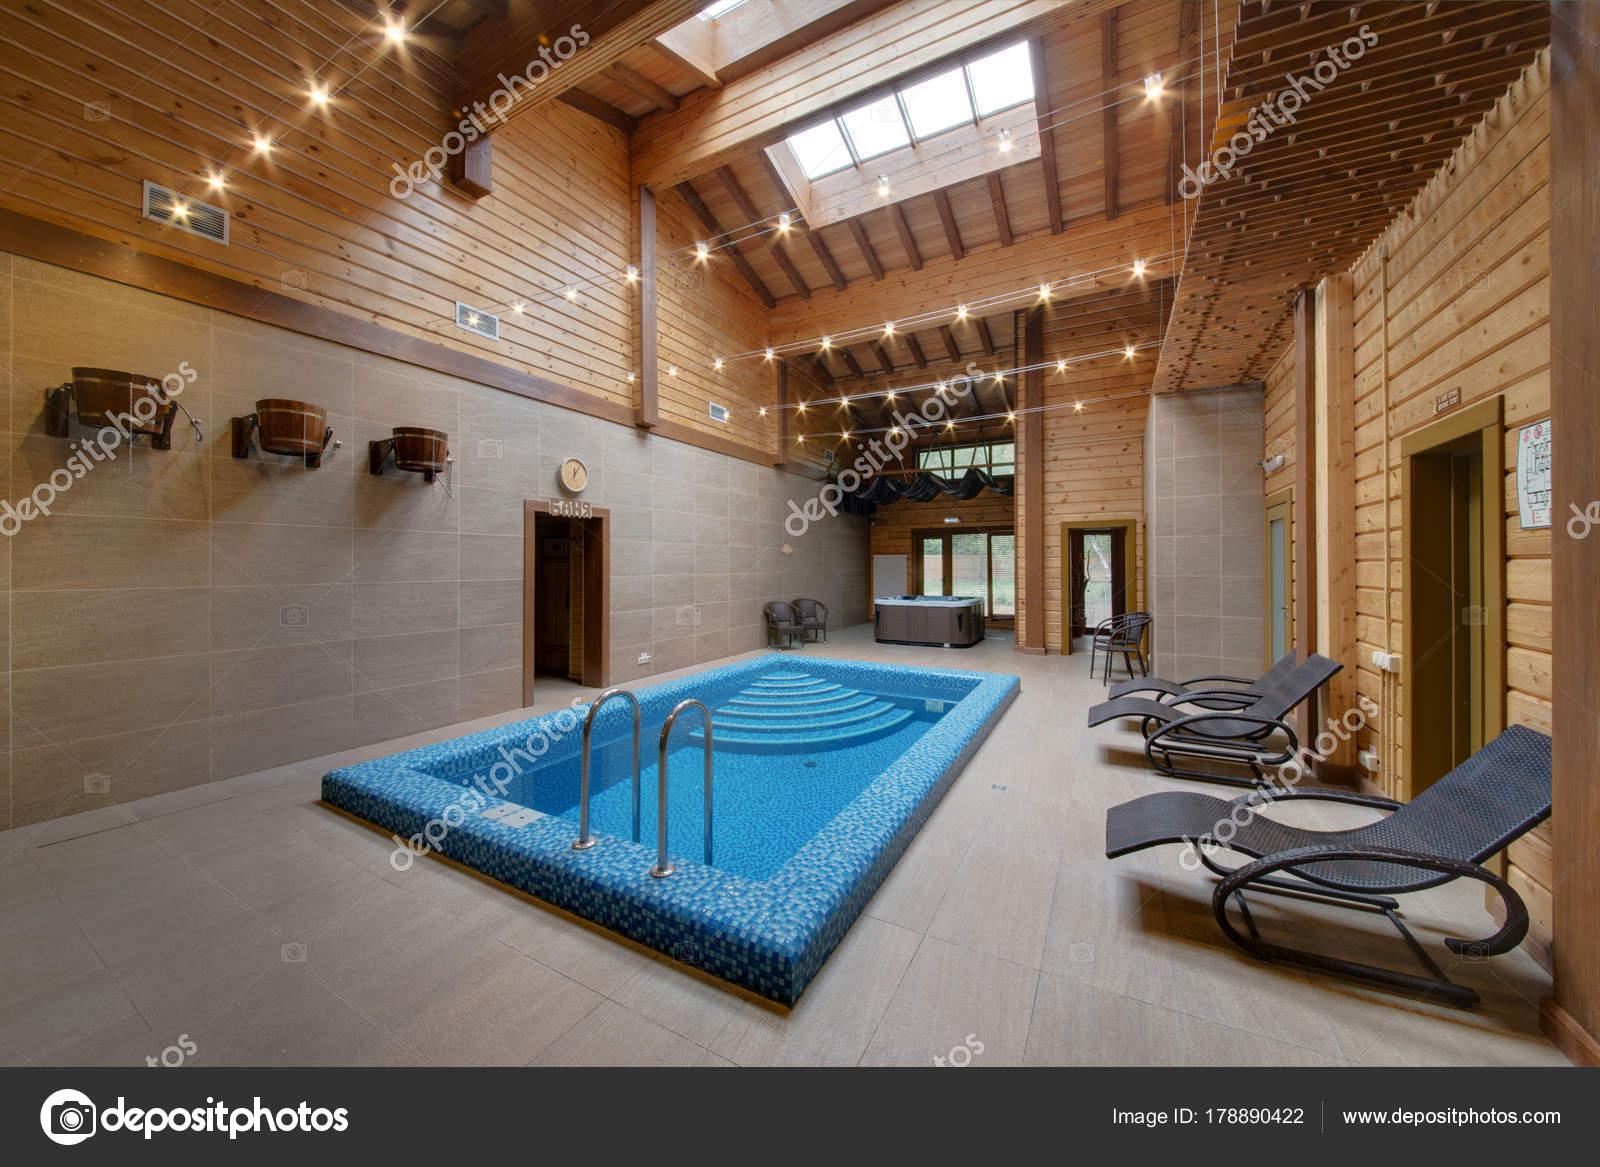 Soffitti Alti Illuminazione : Camera con soffitti alti travi legno con piscina u foto stock